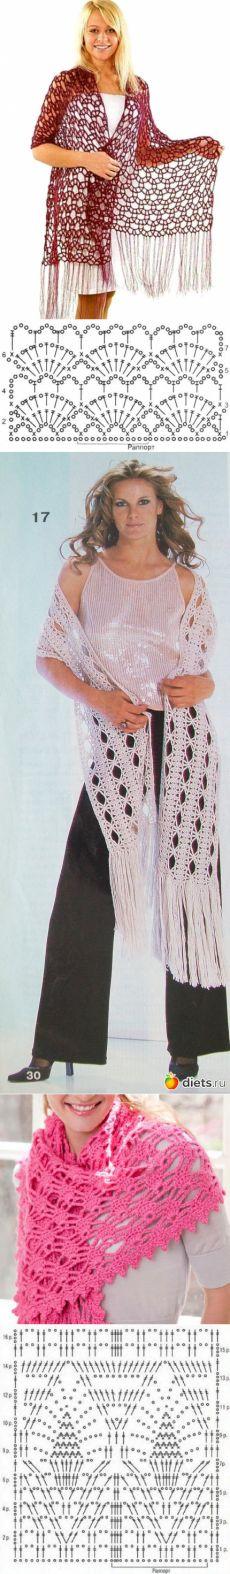 Будь модной! вязание крючком палантин. Модная одежда